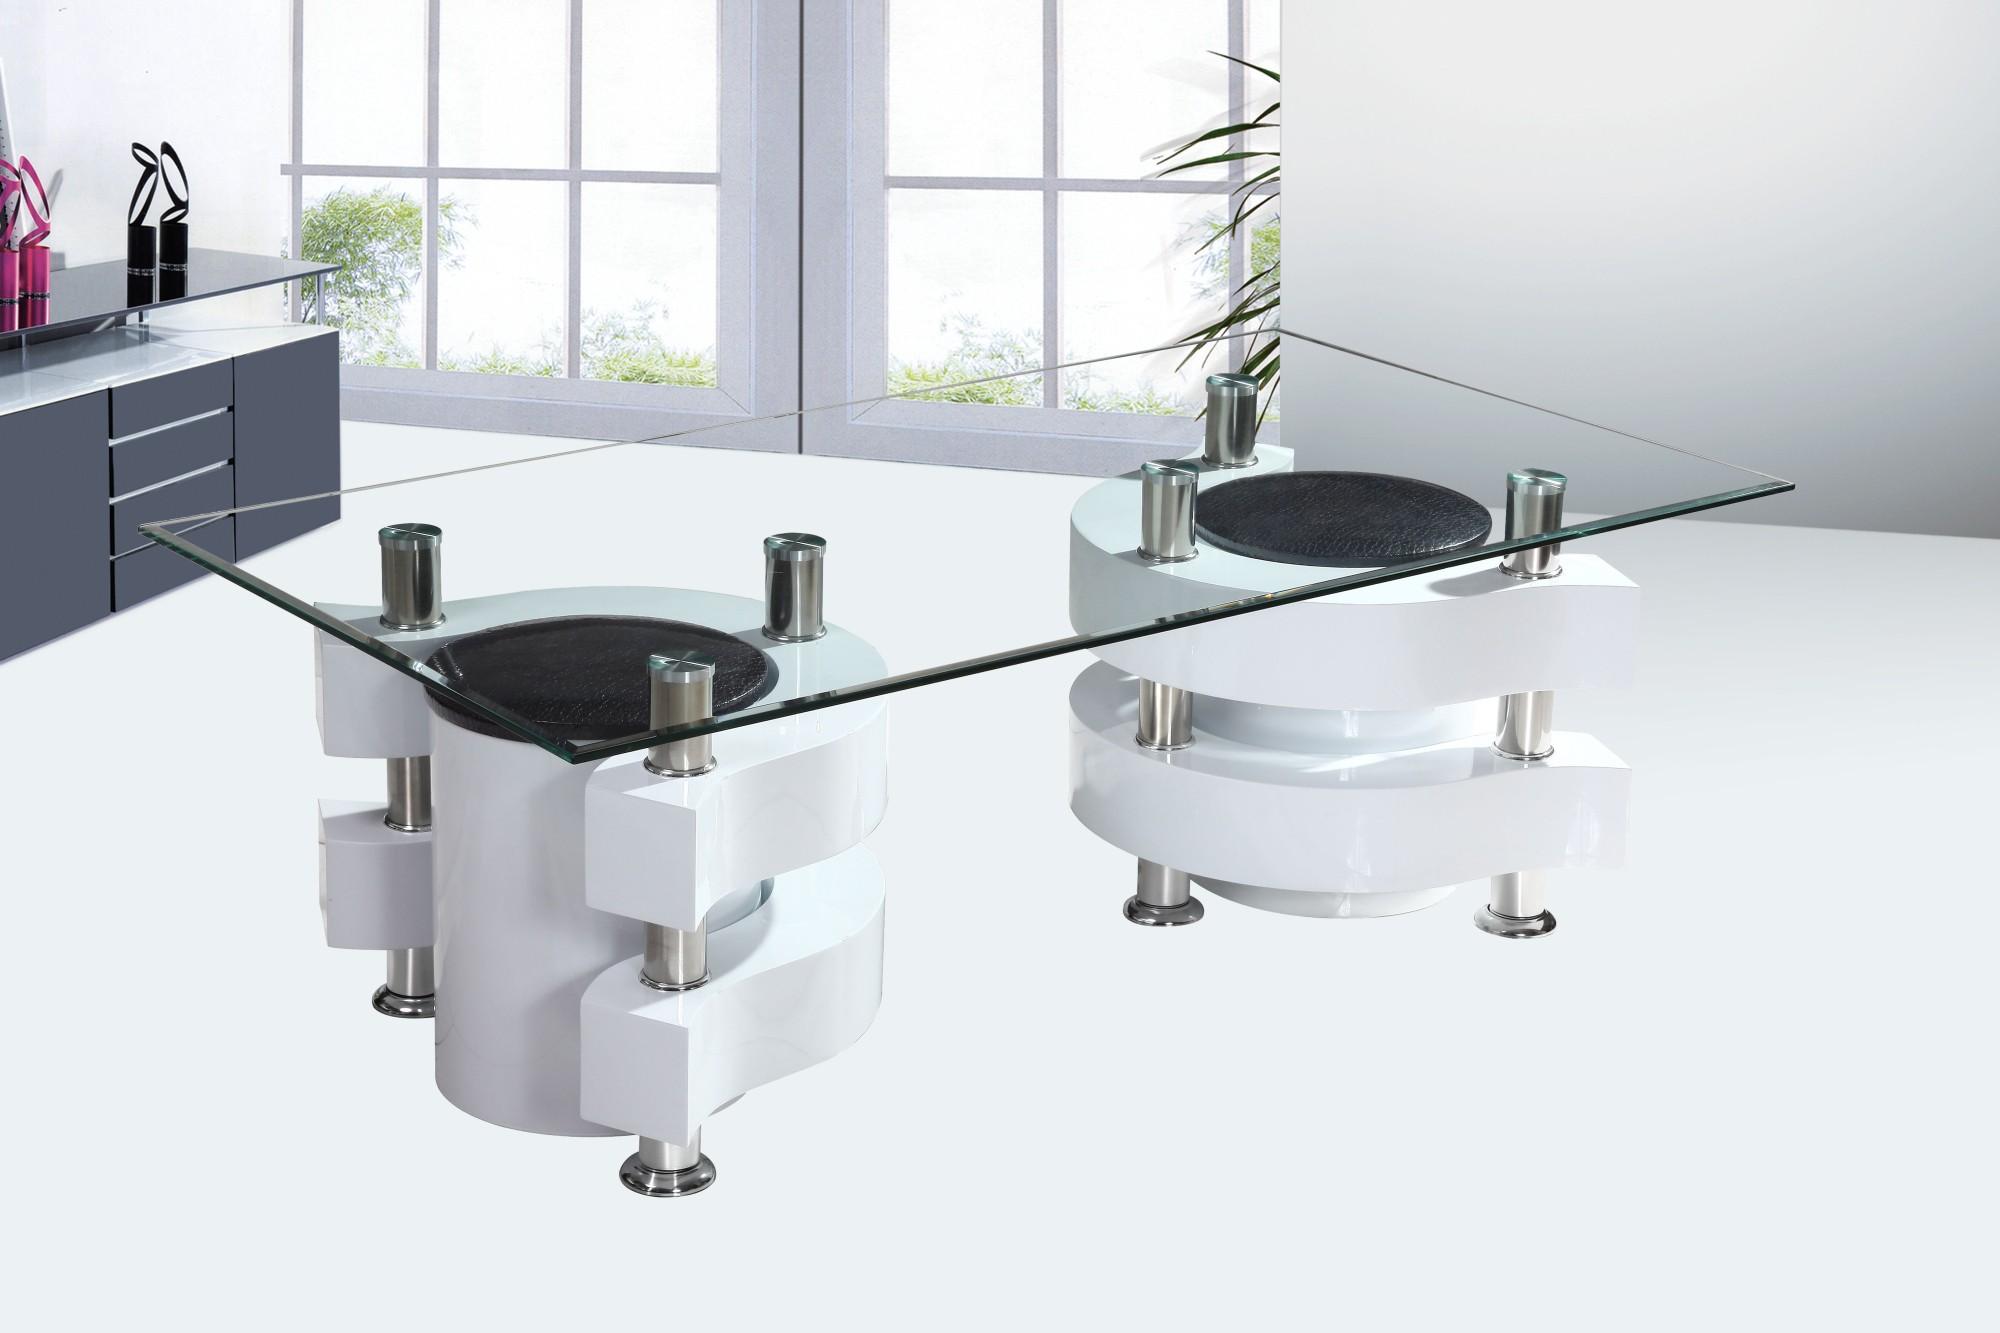 Table basse avec pouf gris